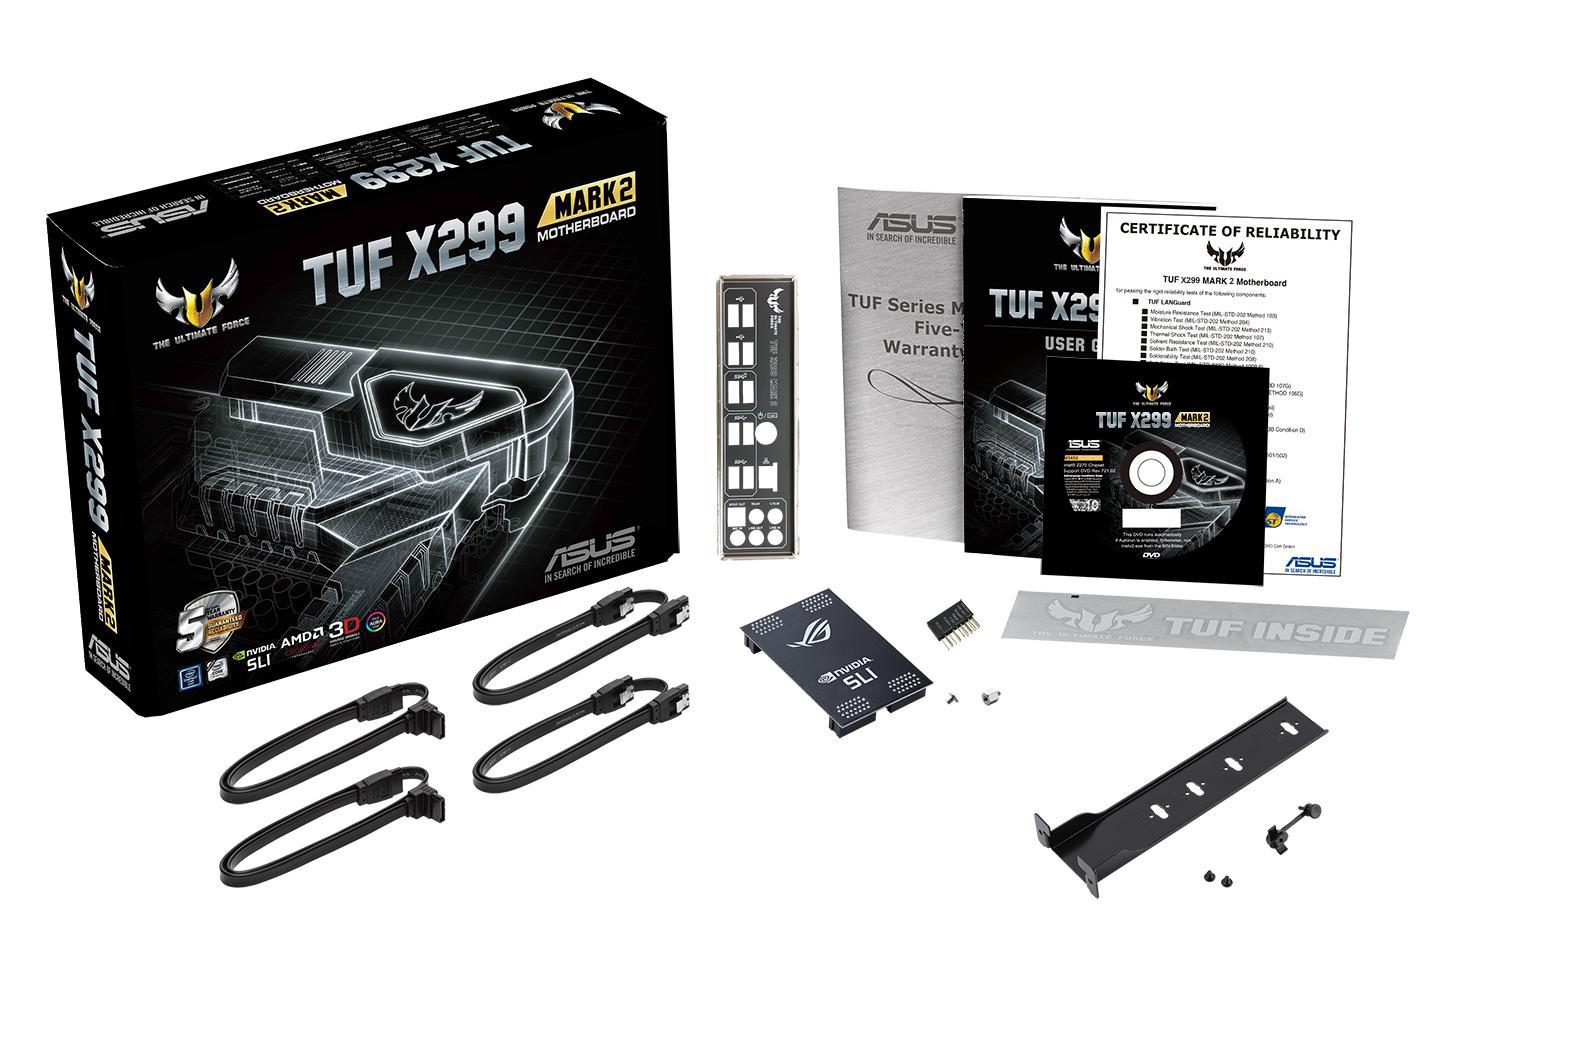 Asus TUF X299 MARK 2 ATX LGA 2066